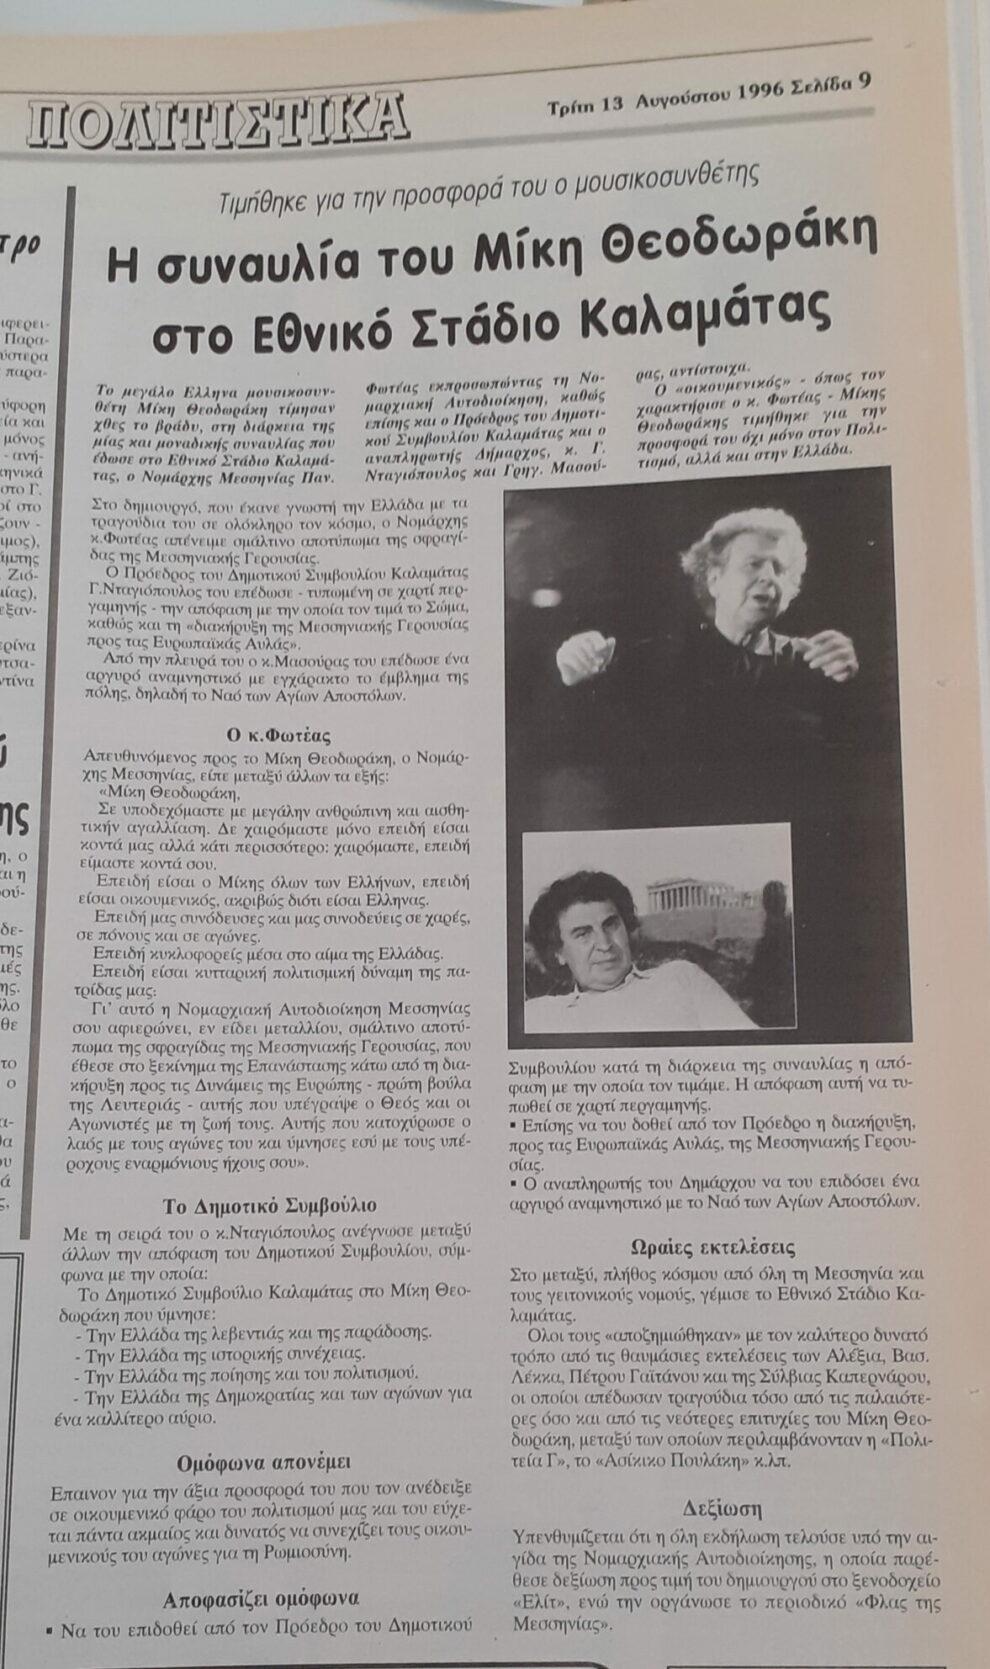 Καλαμάτα: Ο Μίκης Θεοδωράκης τιμήθηκε και το 1996